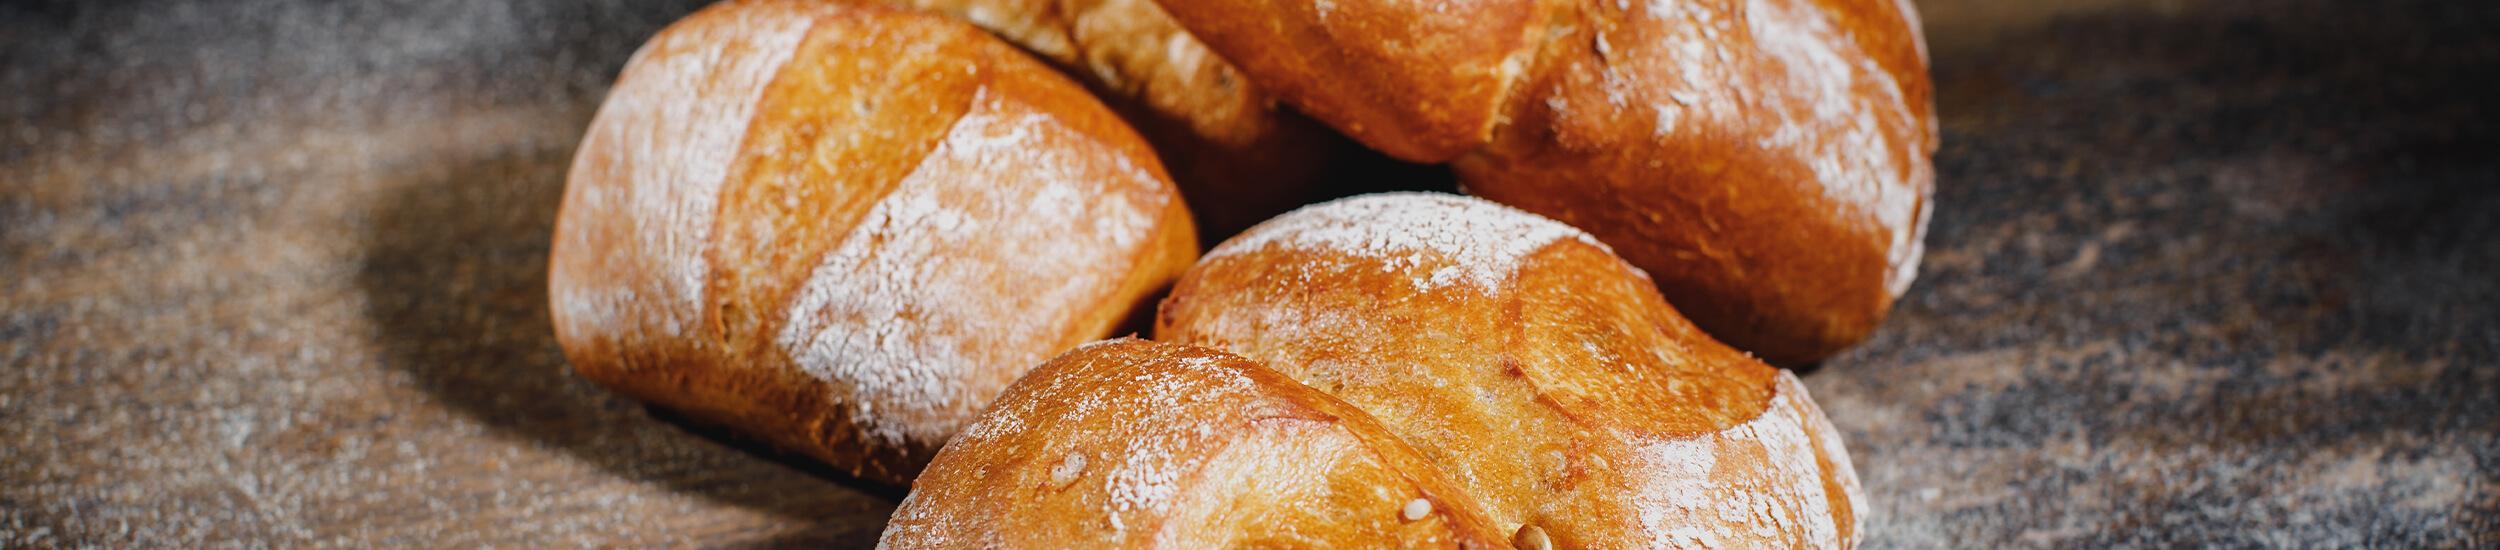 Bäckerei Illgen - Brötchen